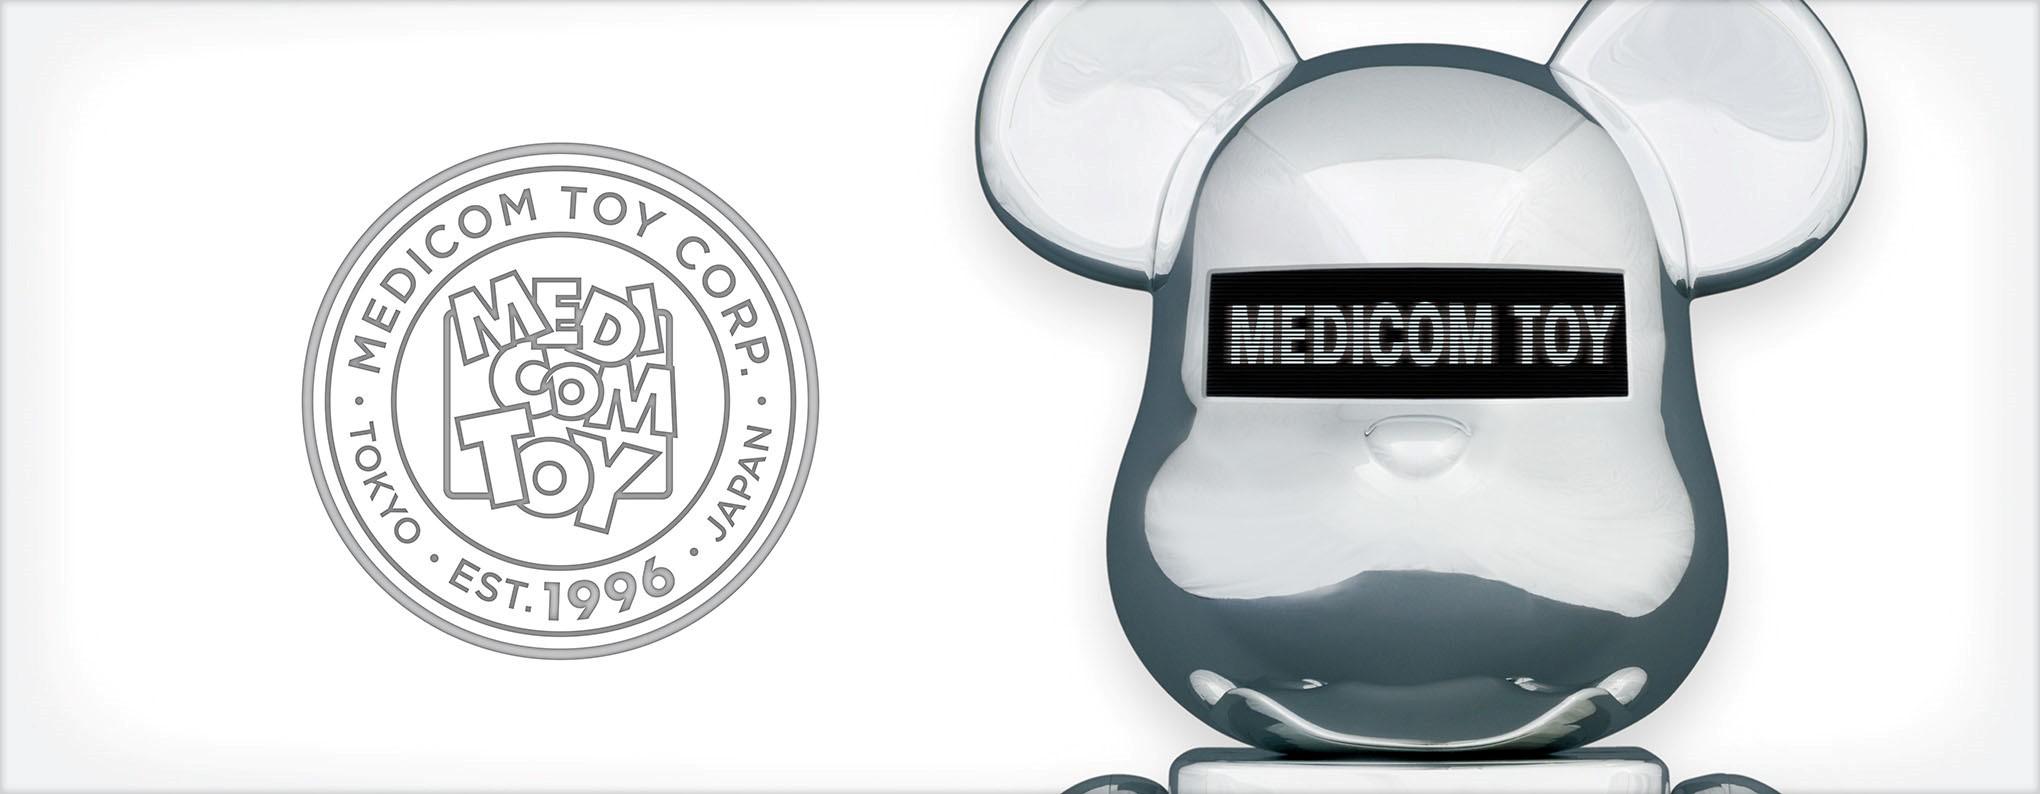 21世紀に改めまして。21歳になったメディコム・トイです。|MEDICOM TOY